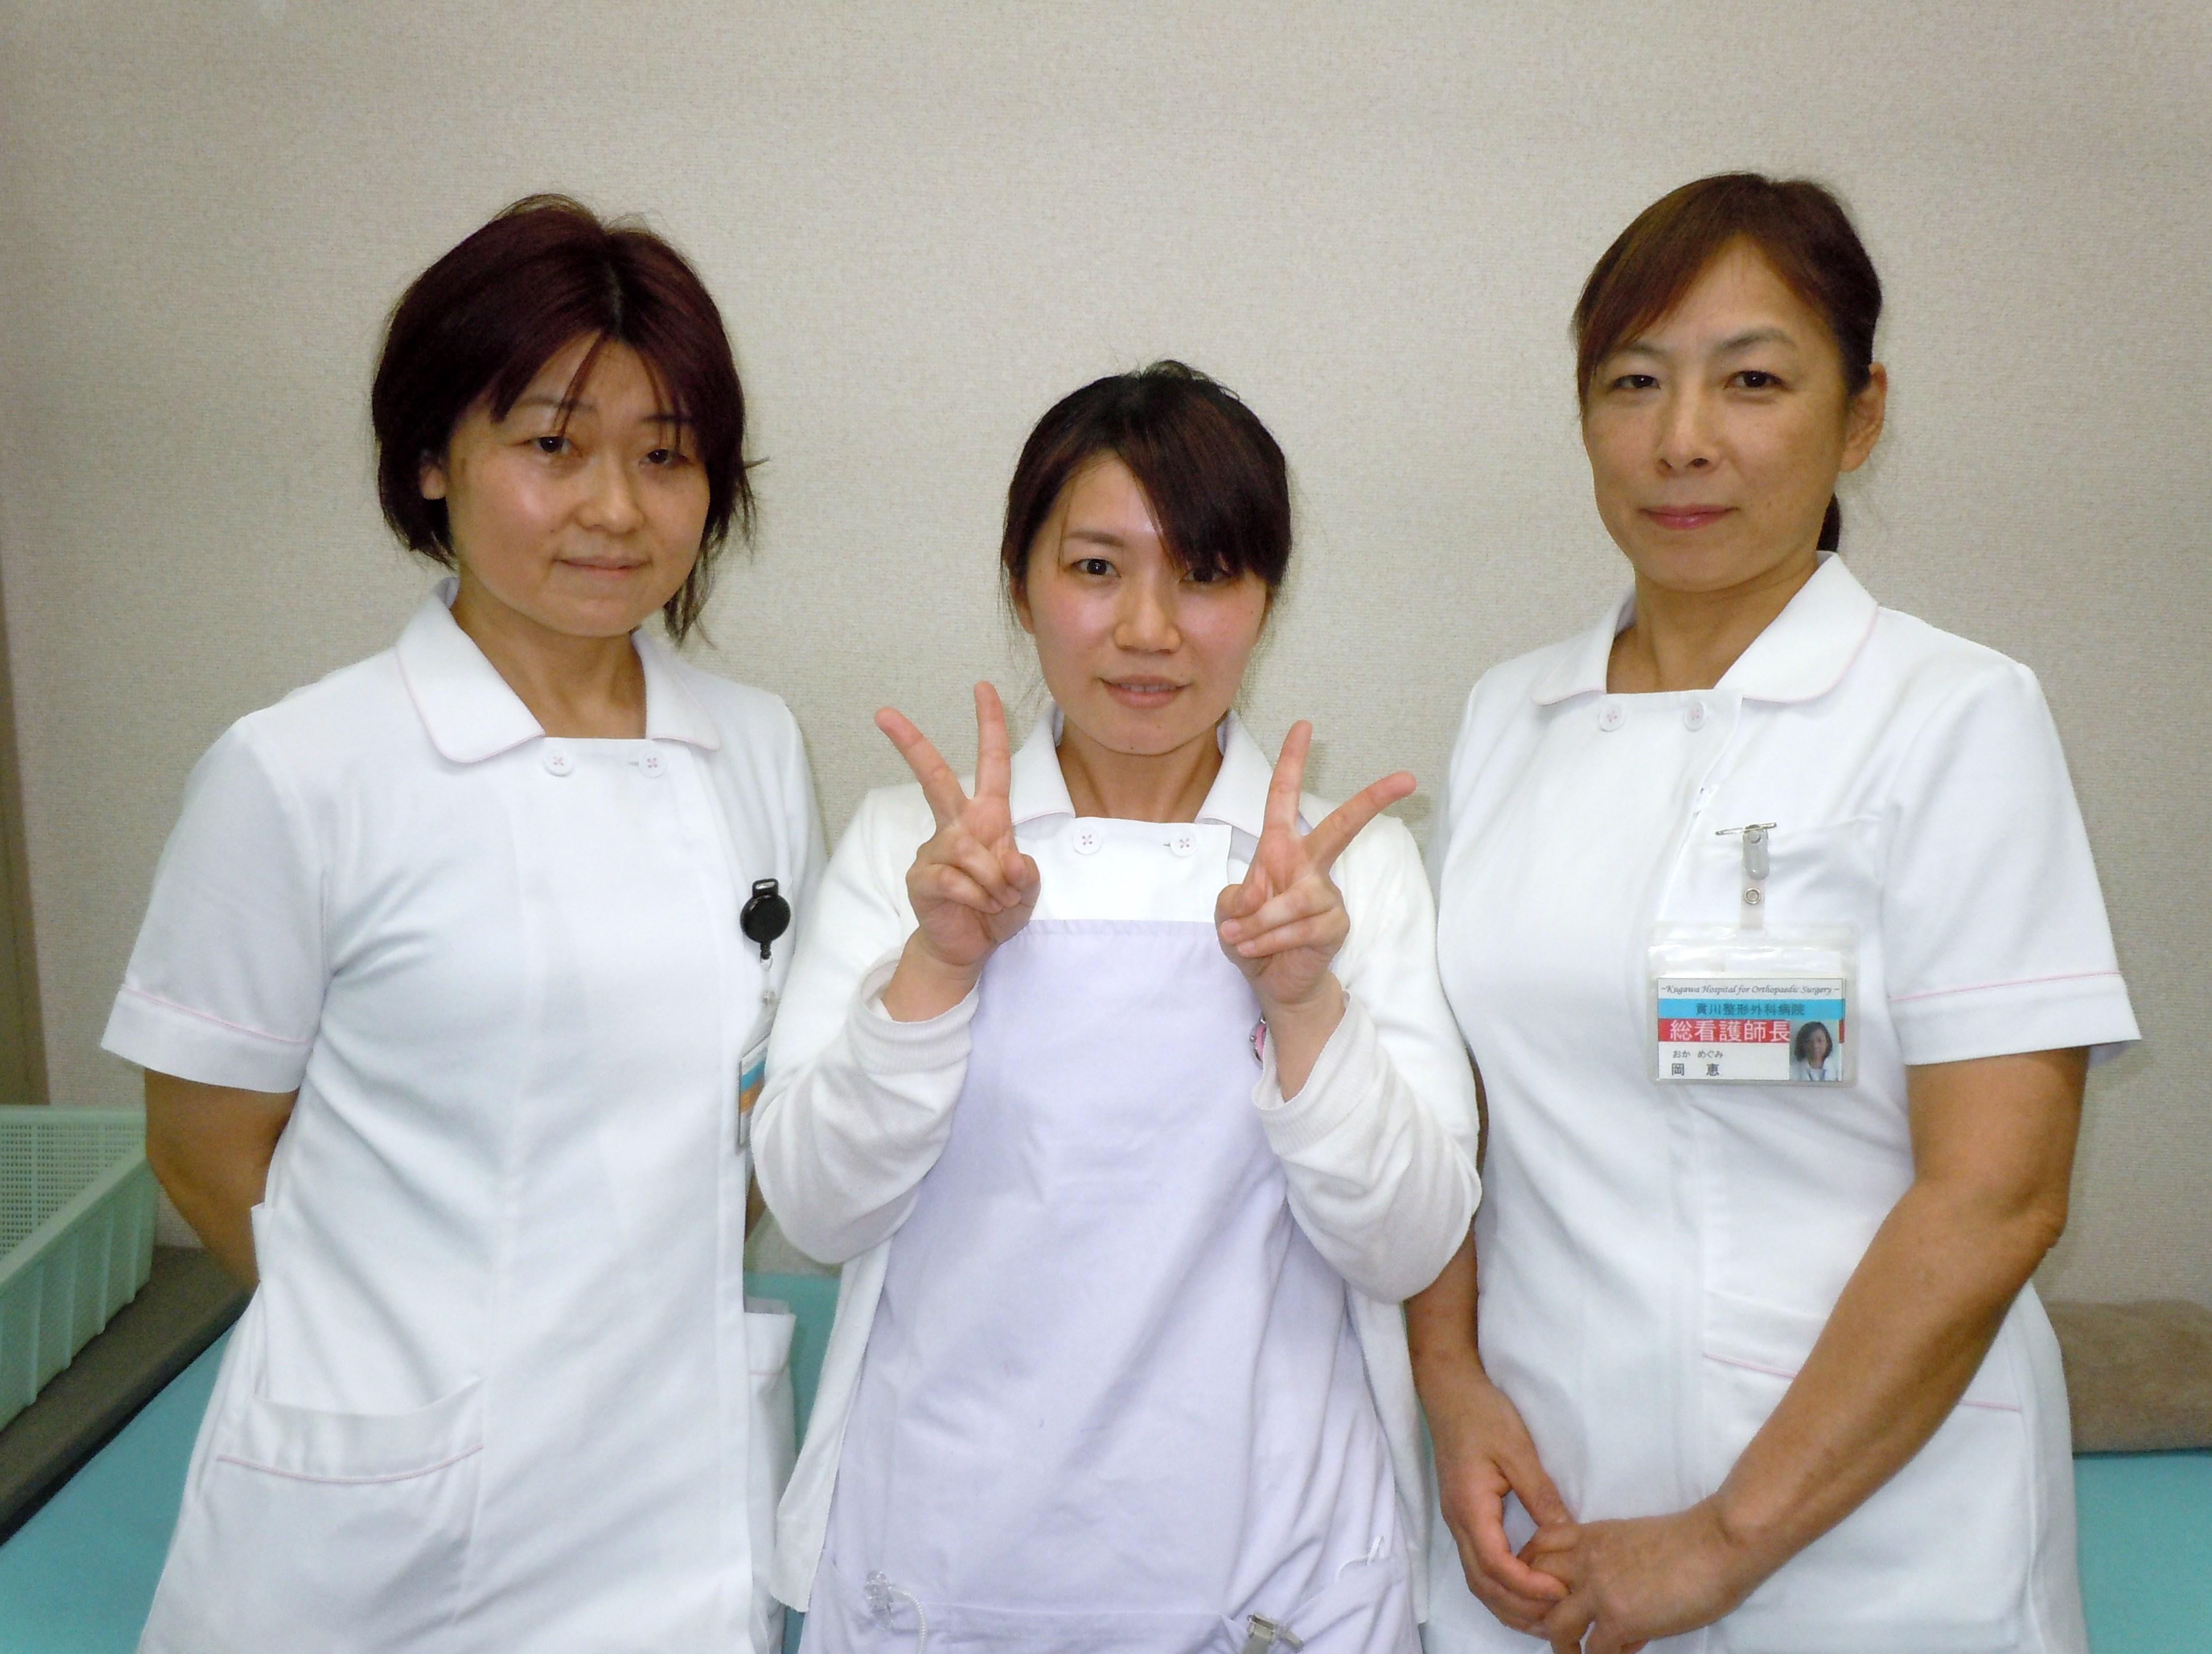 千野典子准看護師が看護師国家試験に合格しました